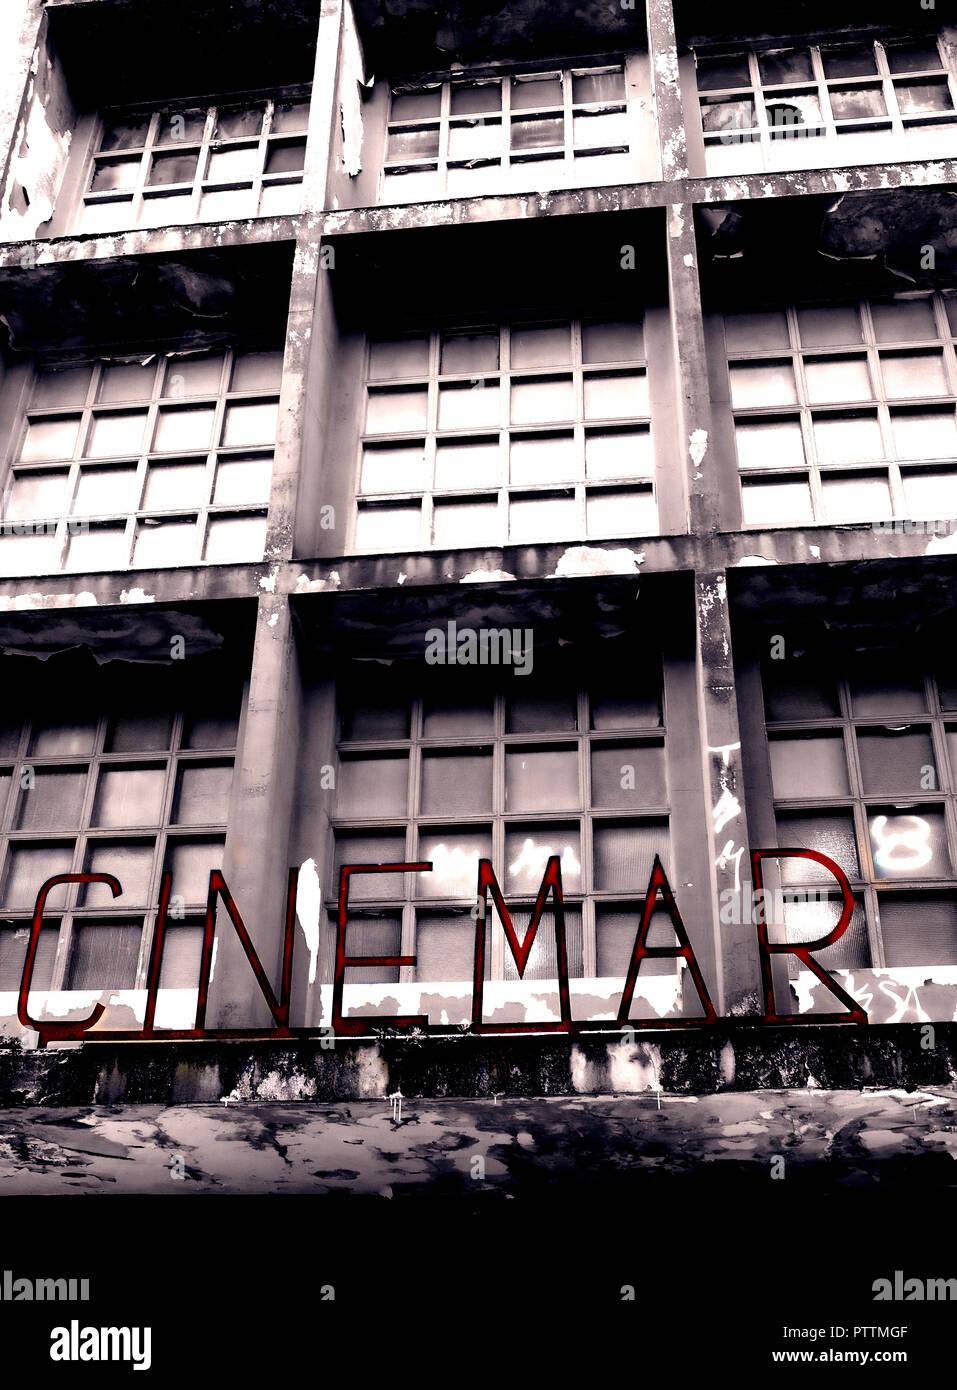 Cinéma à l'abandon, Llanes, Asturias, Espagne Photo Stock